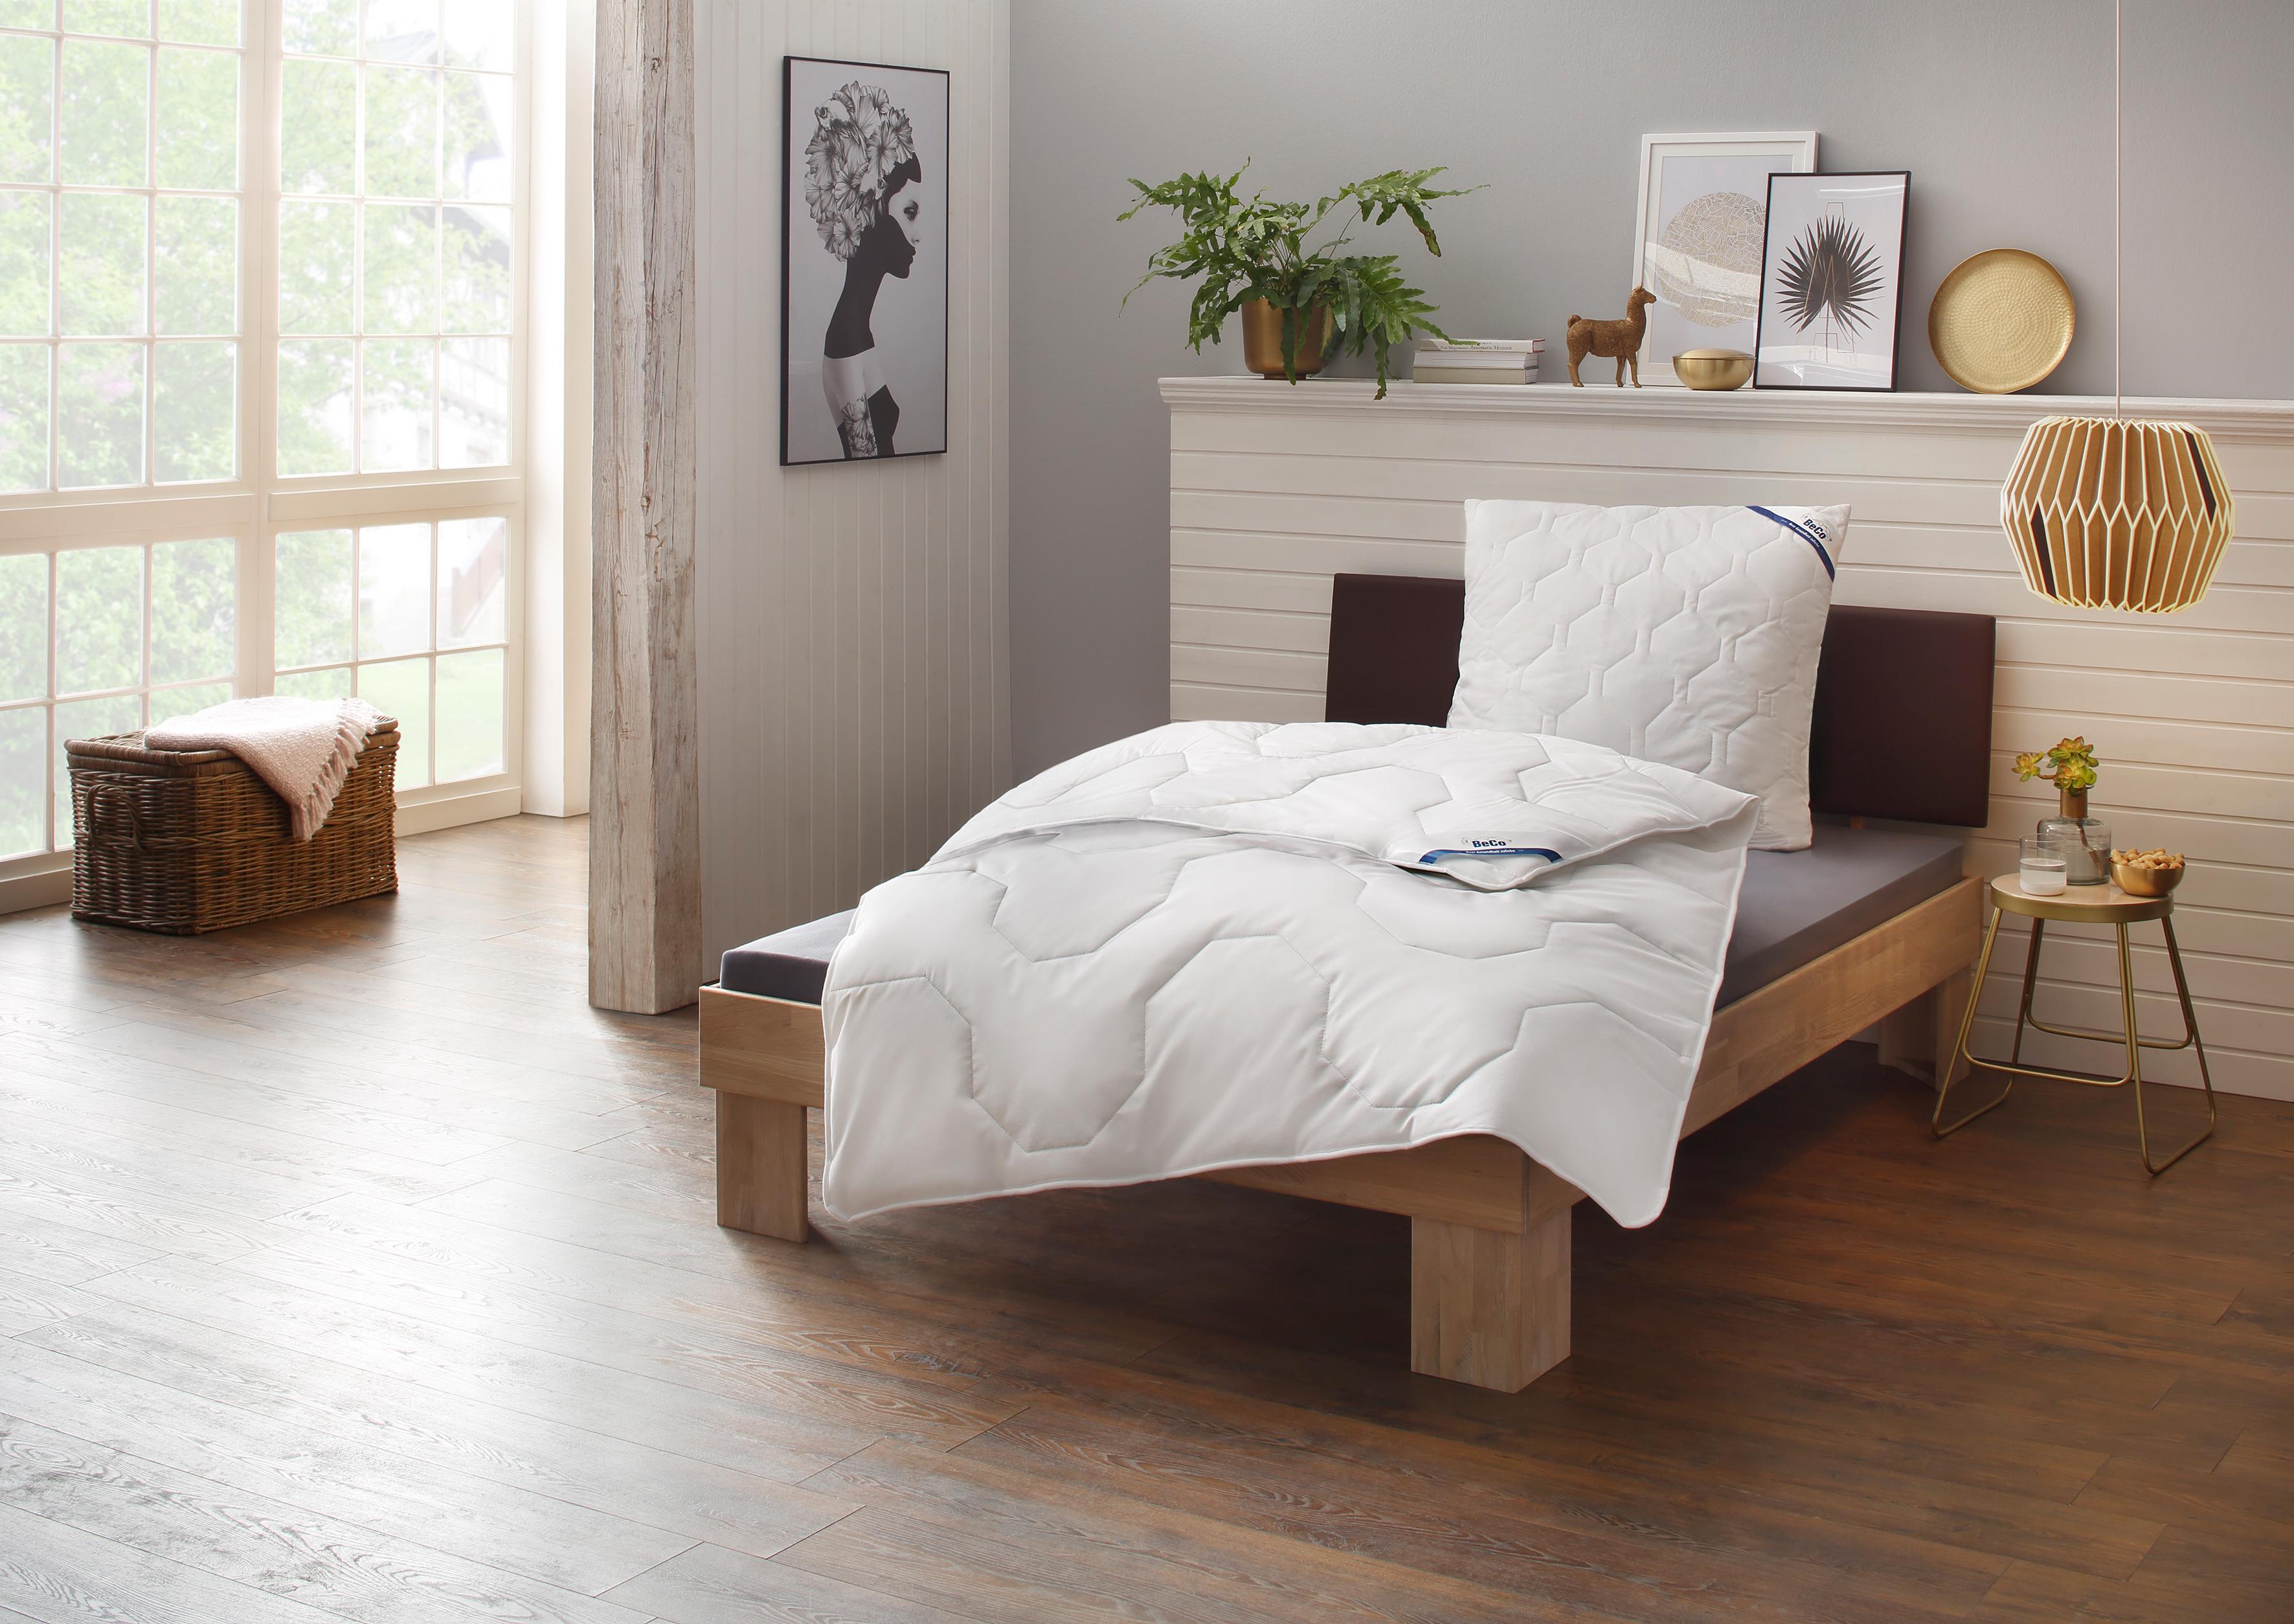 Einziehdecke + Kunstfaserkissen, »Tencel Soft«, BeCo, Warm, Perfekte Klimatisierung dank Tencel®